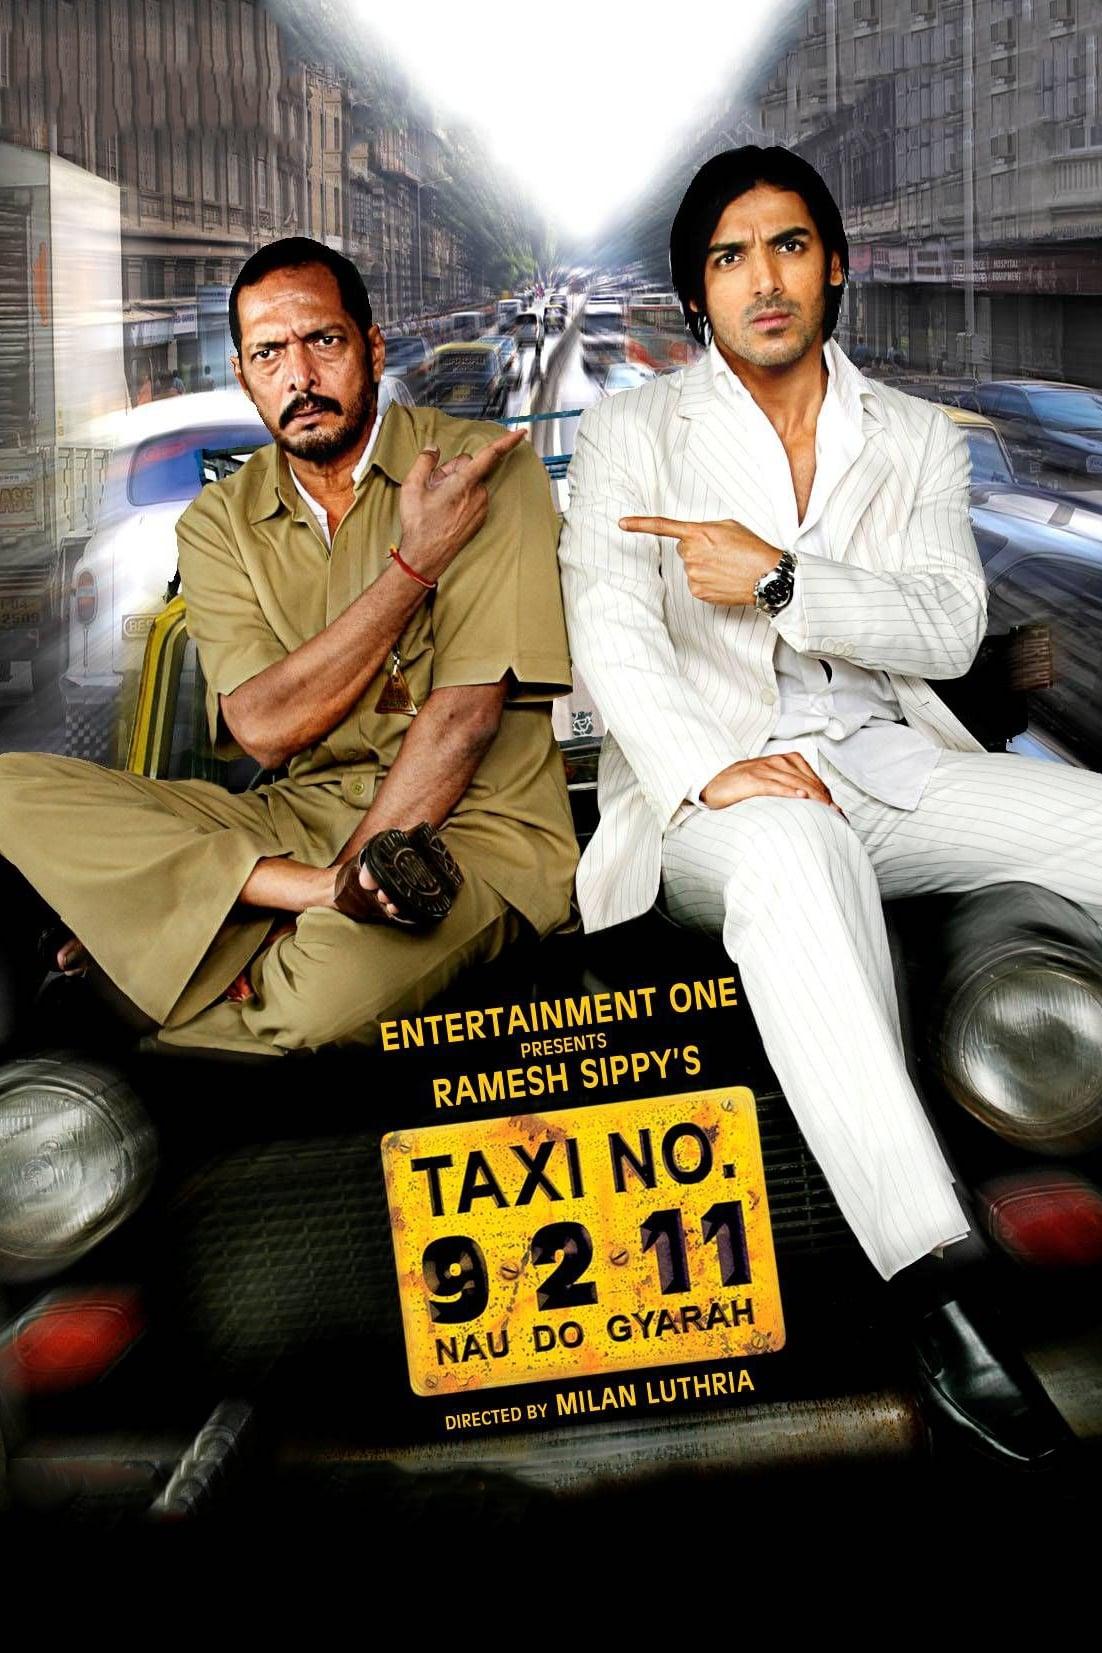 Taxi No. 9 2 11 (2006)